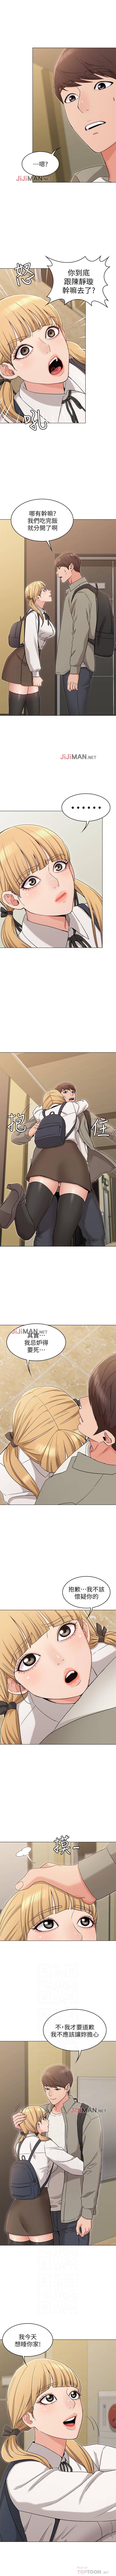 【周六连载】女友的姐姐(作者:橡果人&獵狗) 第1~14话 105